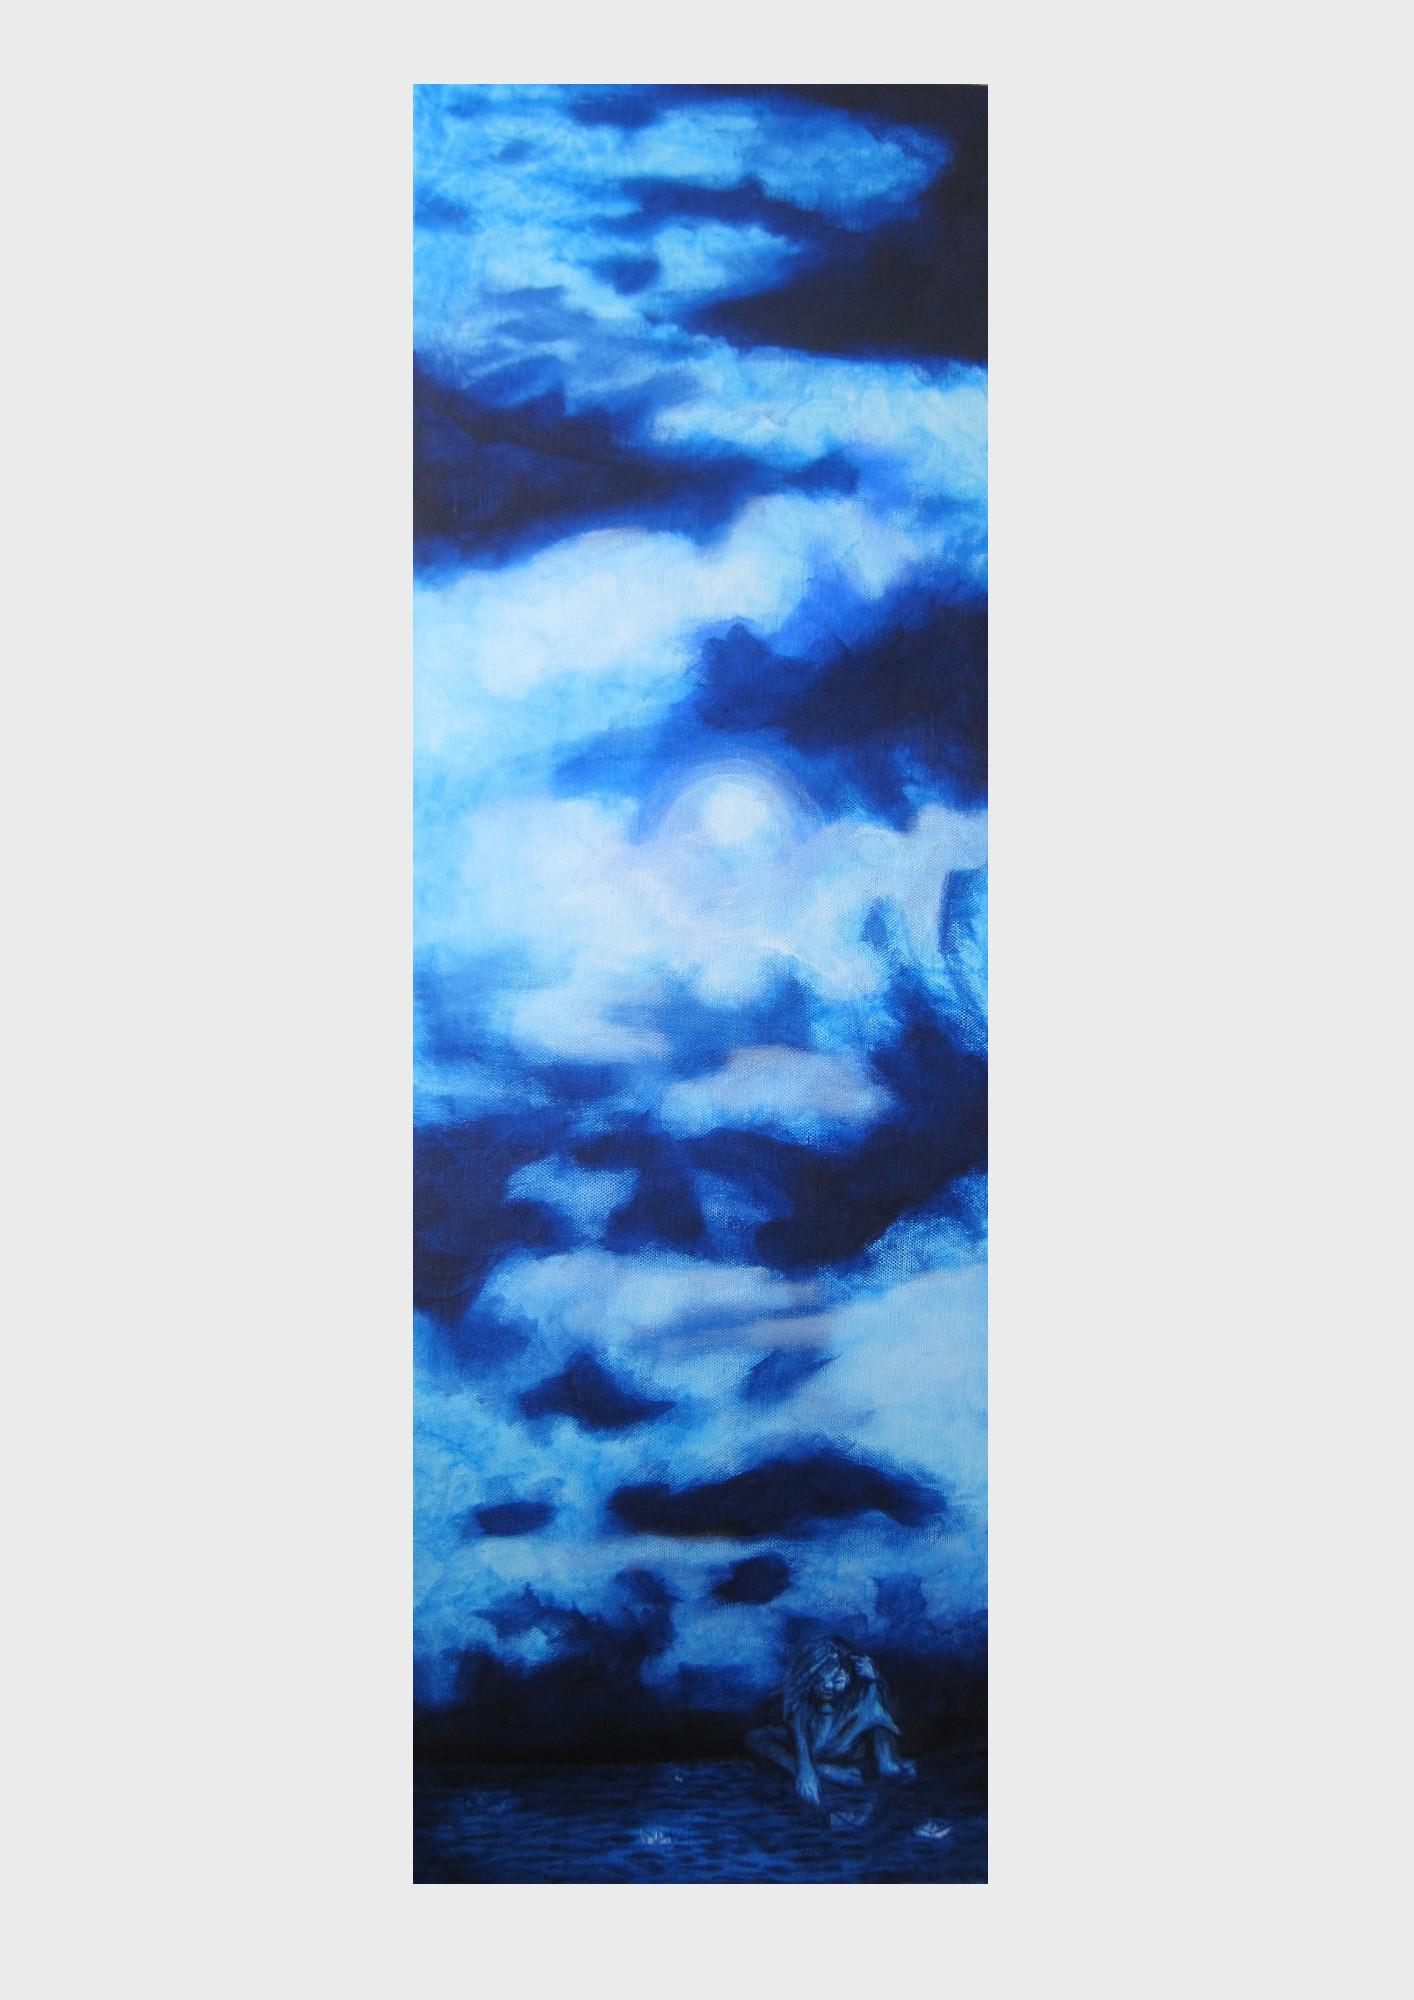 Gemalter Wolkenhimmel in verschiedenen Blautönen: Ein kleines Mädchen hat ein Papierschiff gefaltet und schickt es nun auf die Reise ins Blaue, durch das Meer der Phantasie bis zum Himmelblauen Reich der Geschichten und Träume.